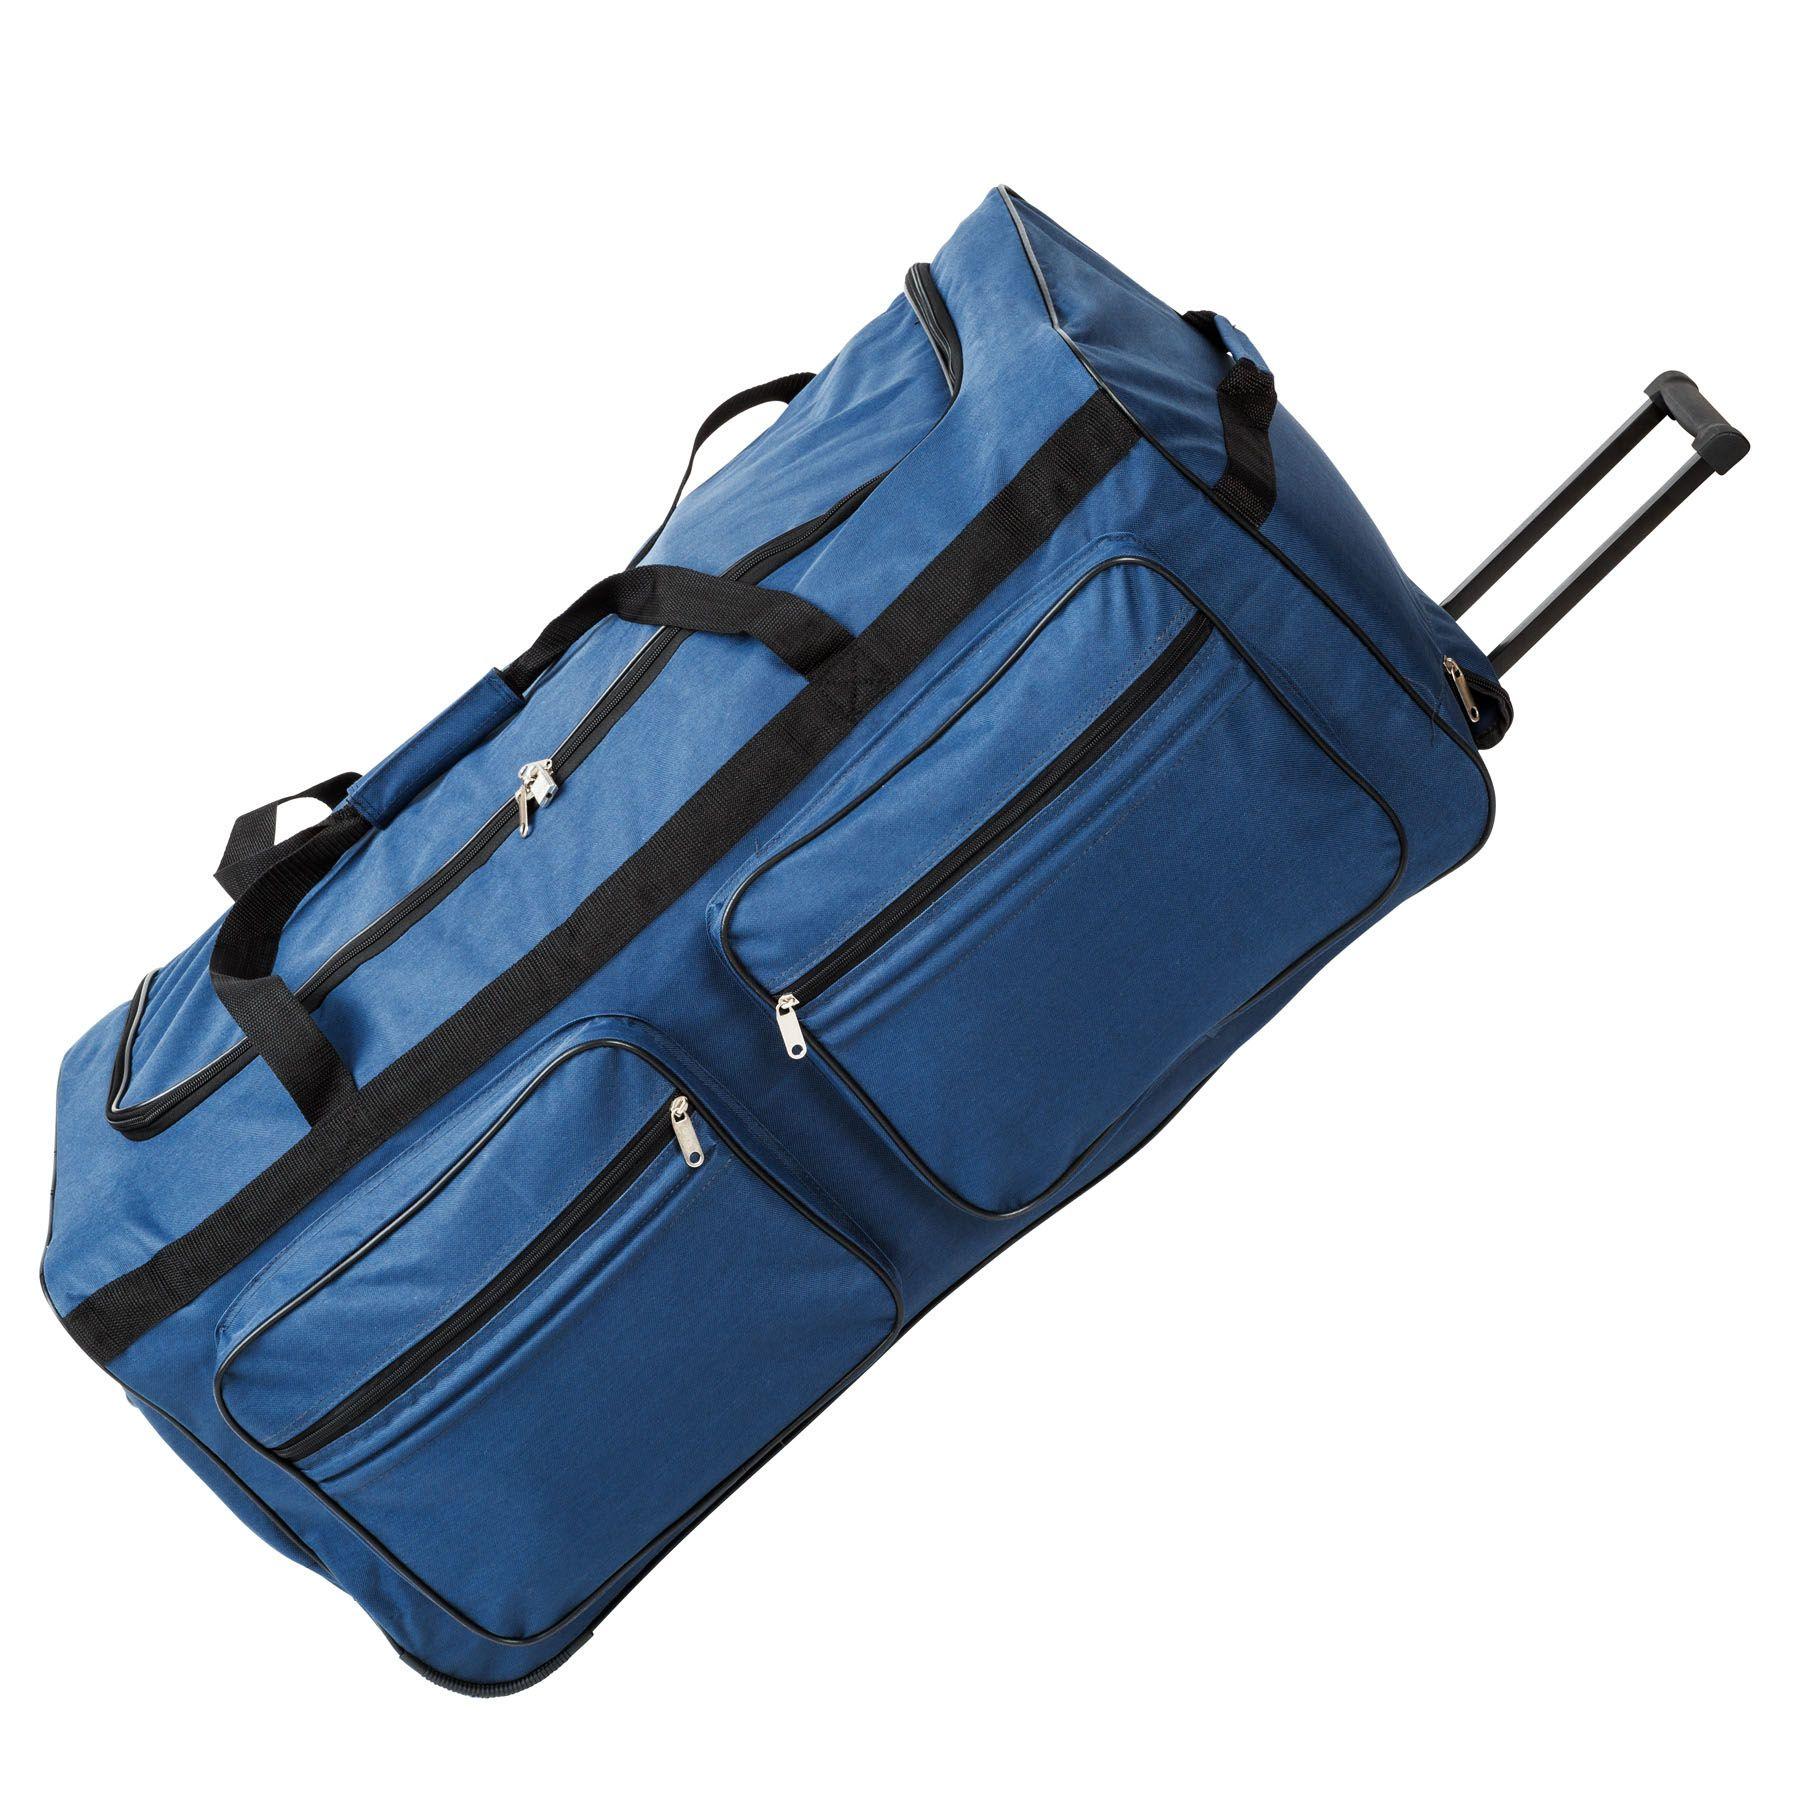 402215_3 Sac de voyage XXL valise trolley légère sport bagage à roulettes 160 litres